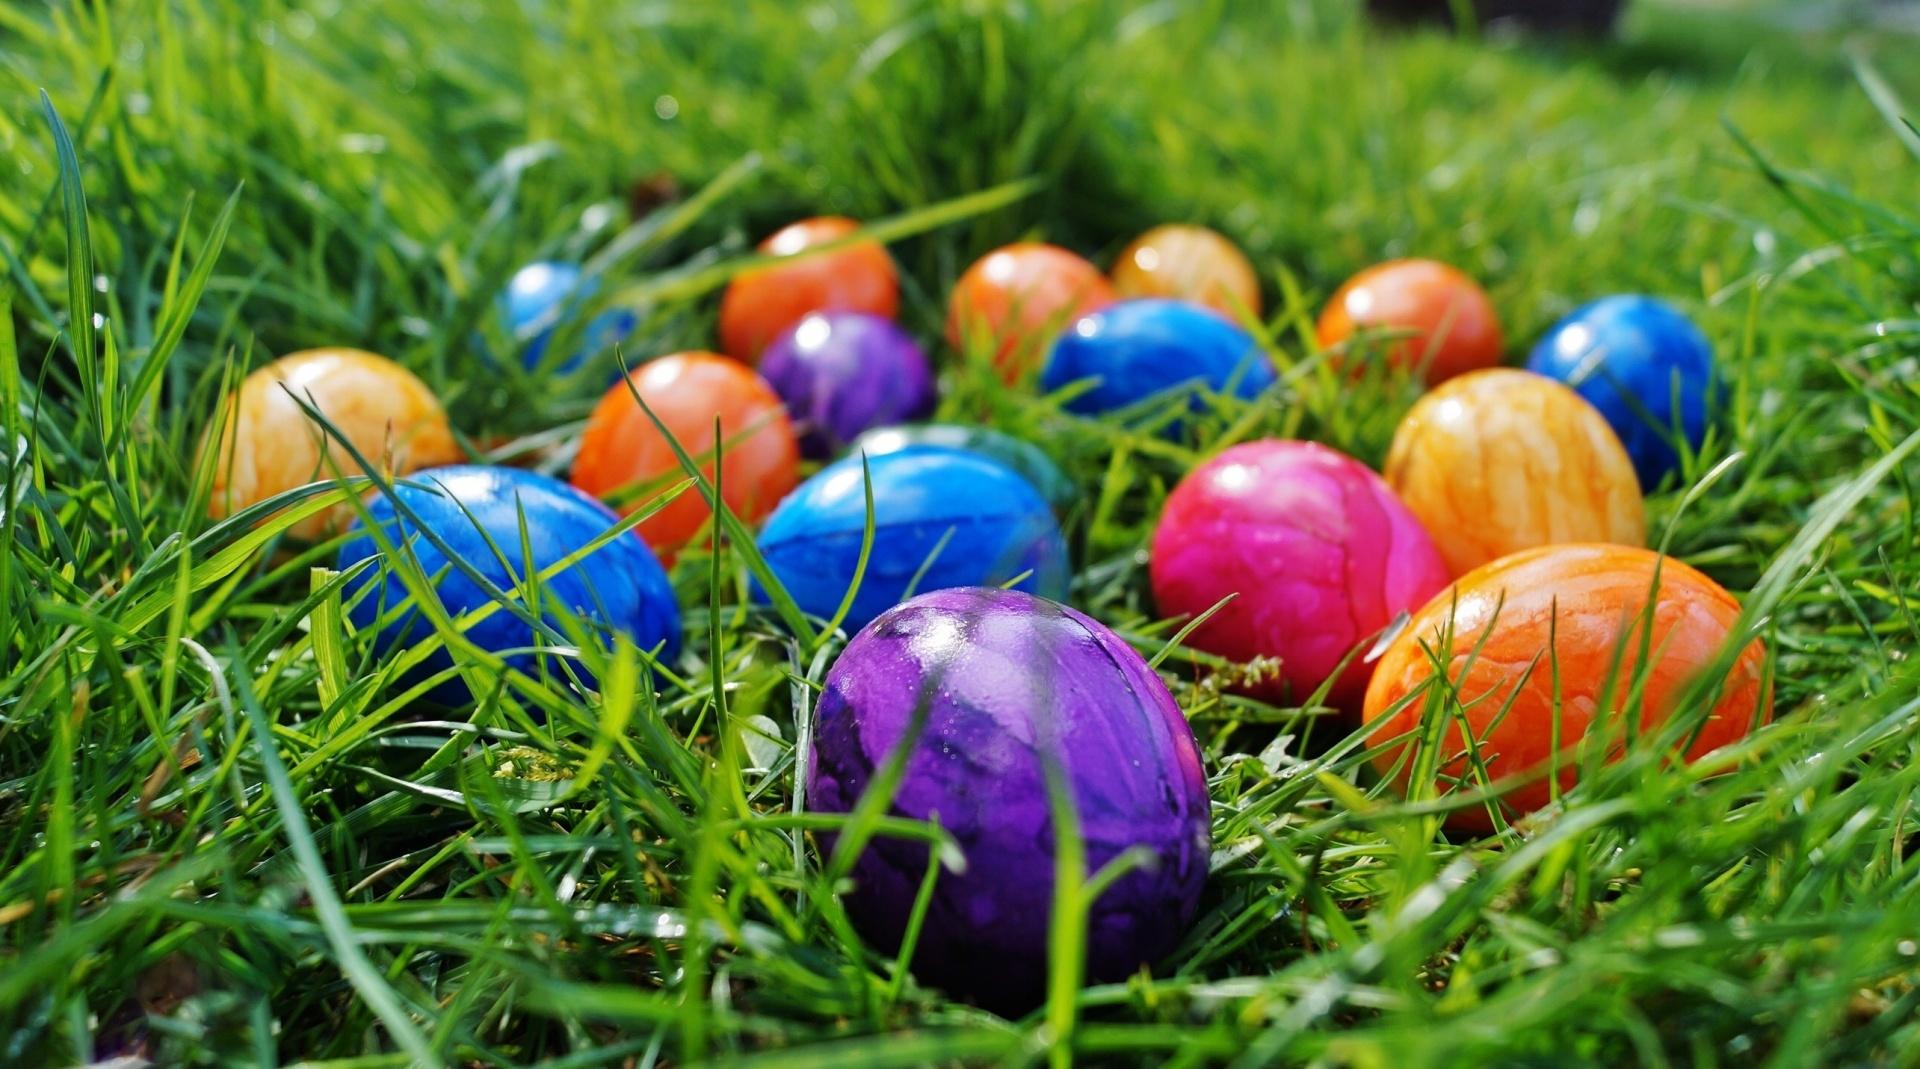 Ostern und das Ei: Wie viele Eier sind tatsächlich noch gesund?